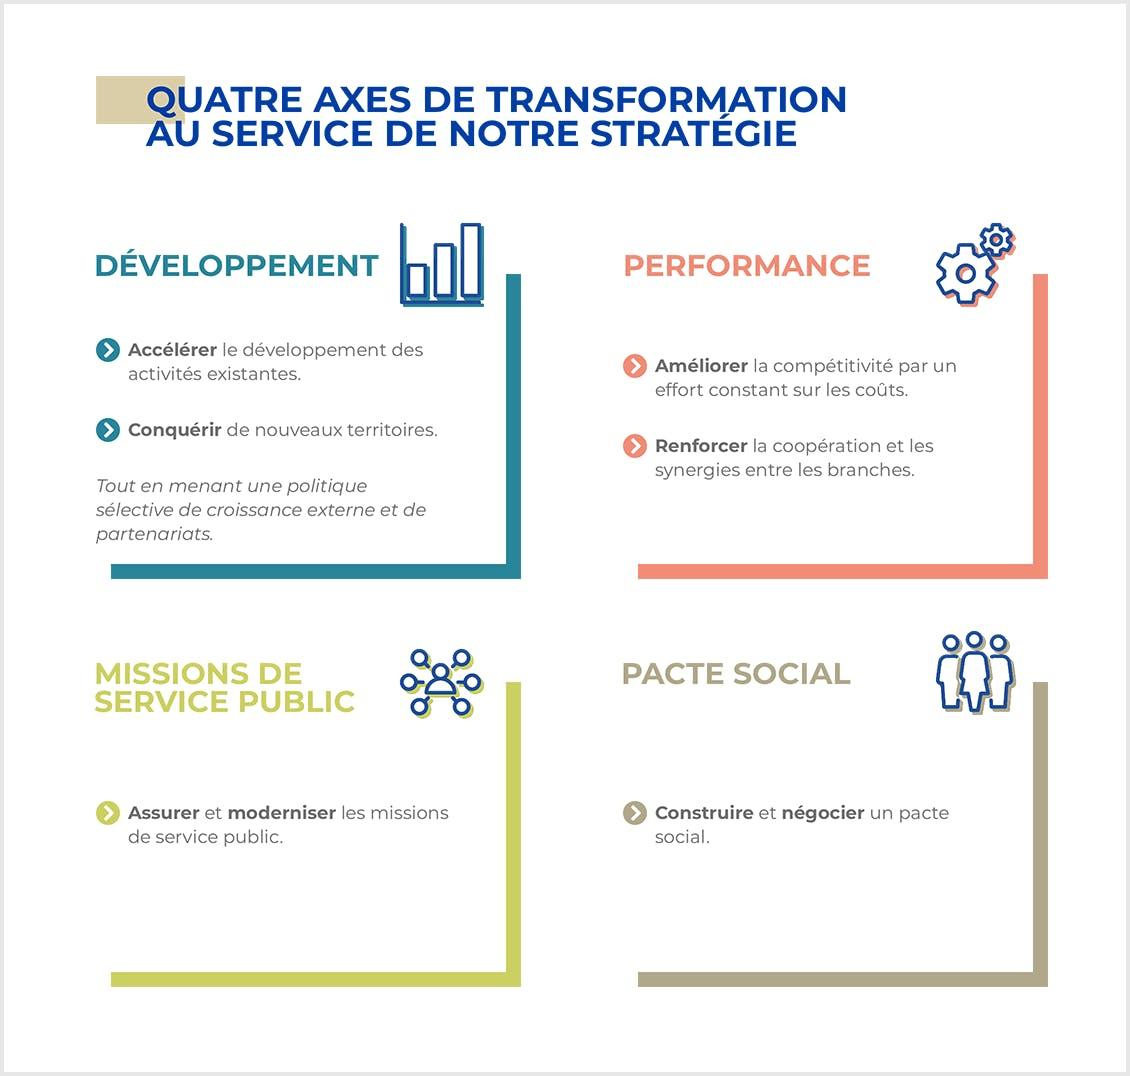 Quatre axes de transformation au service de la stratégie La Poste